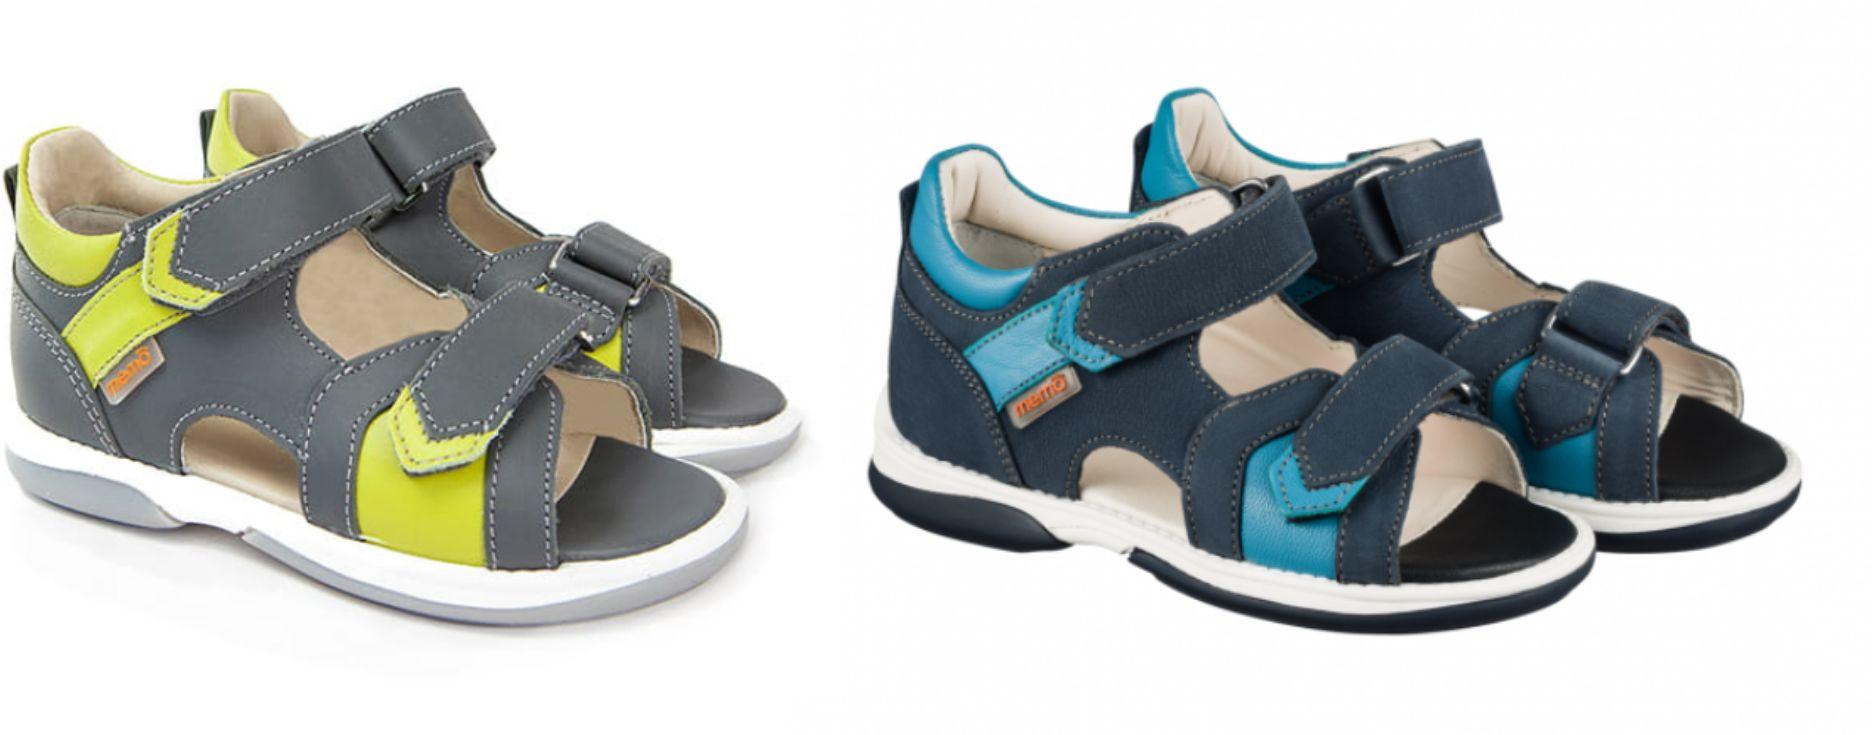 Niskie sandały dla chłopców z podeszwą diagnostyczną + obcas Thomasa - profilaktyczne buty Memo (Kris)